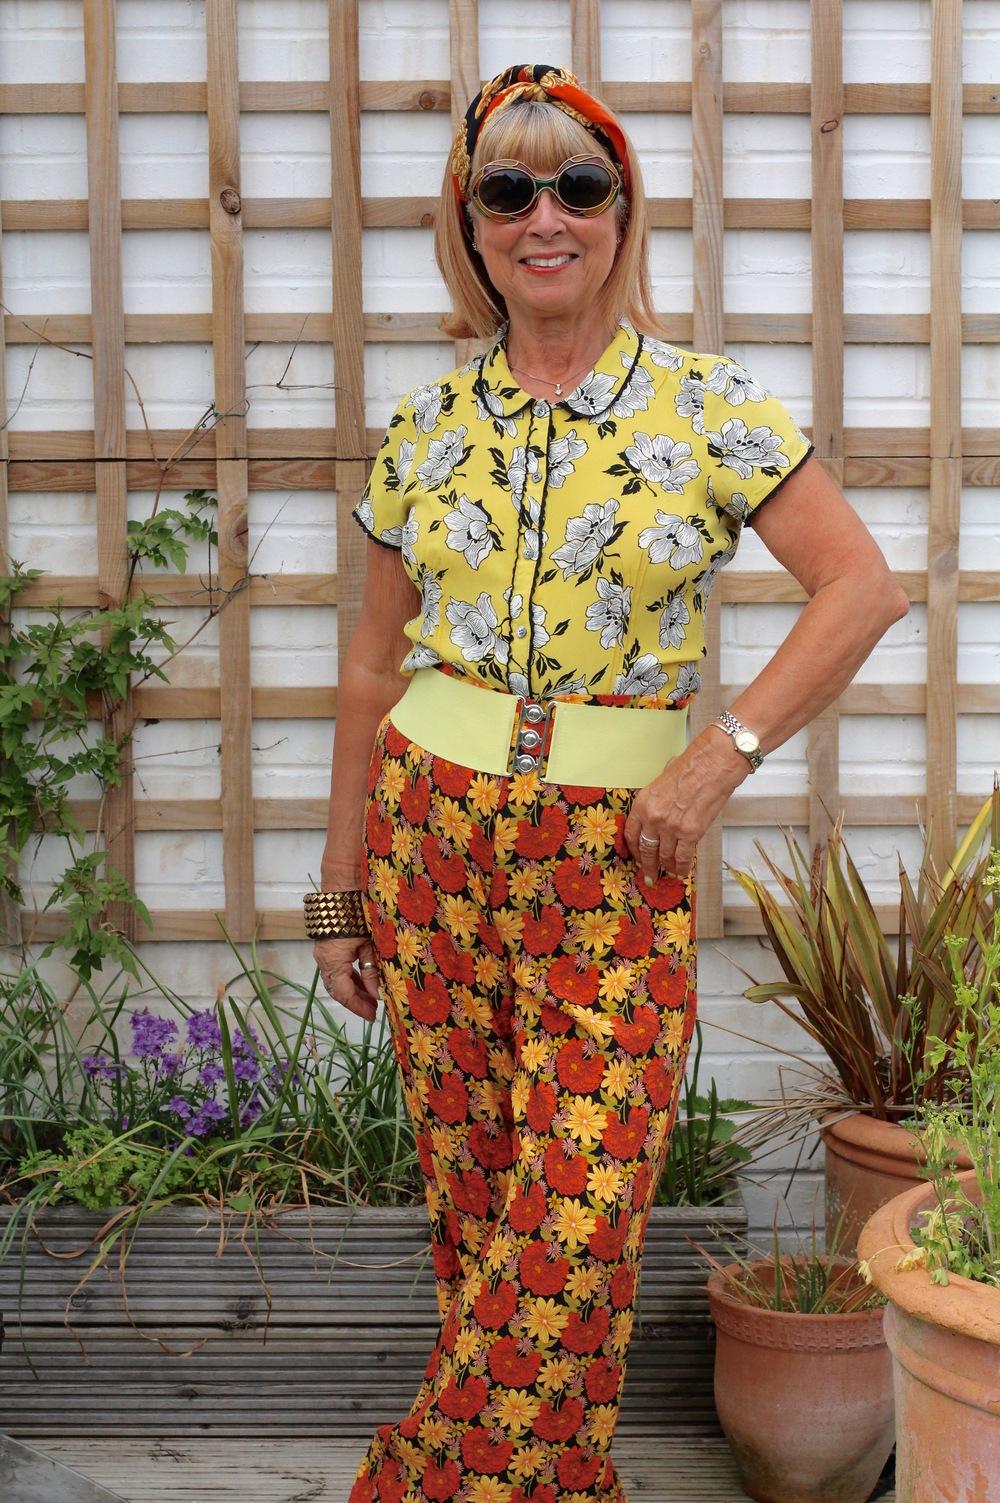 Summer fashion for fairs, festivals and fun